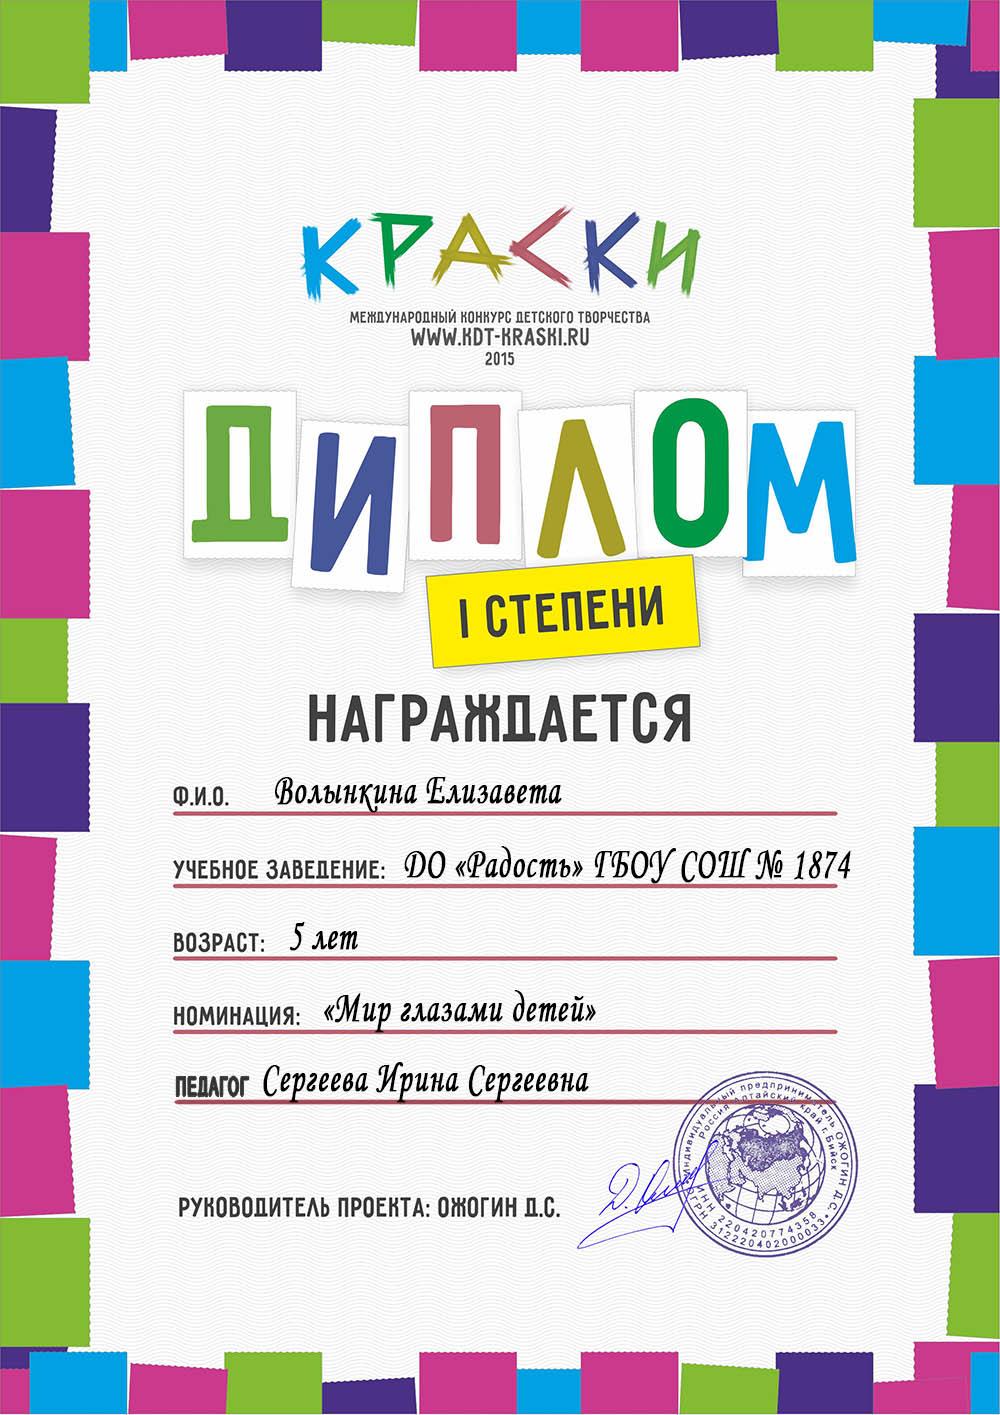 Международный конкурс краски всей россии